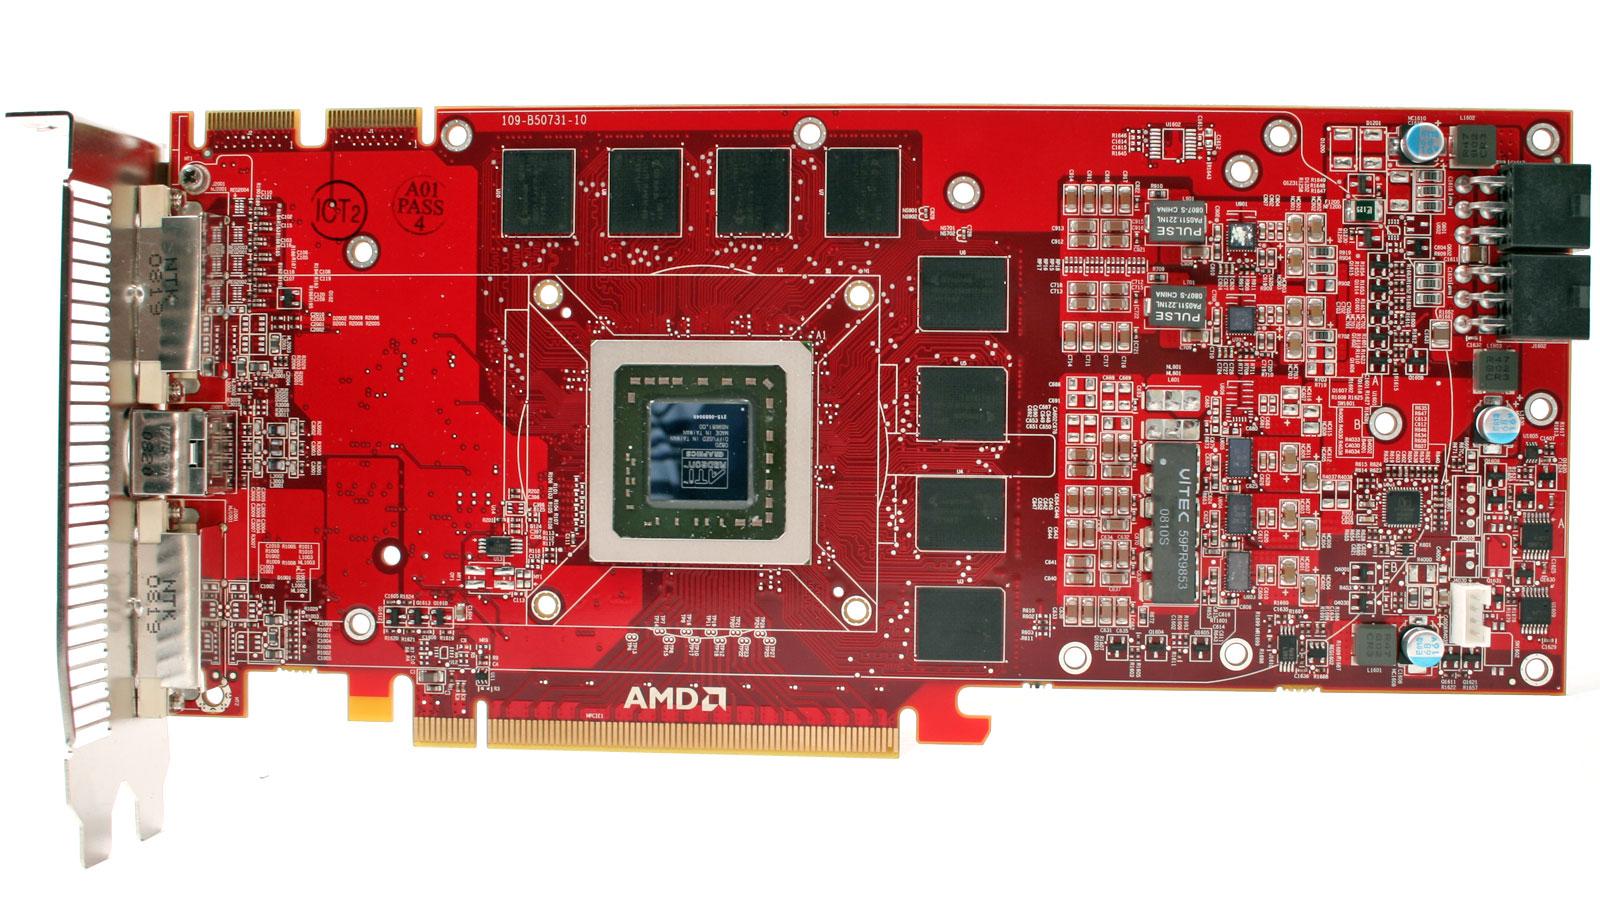 Обзор технических характеристик графической системы Radeon HD 4870